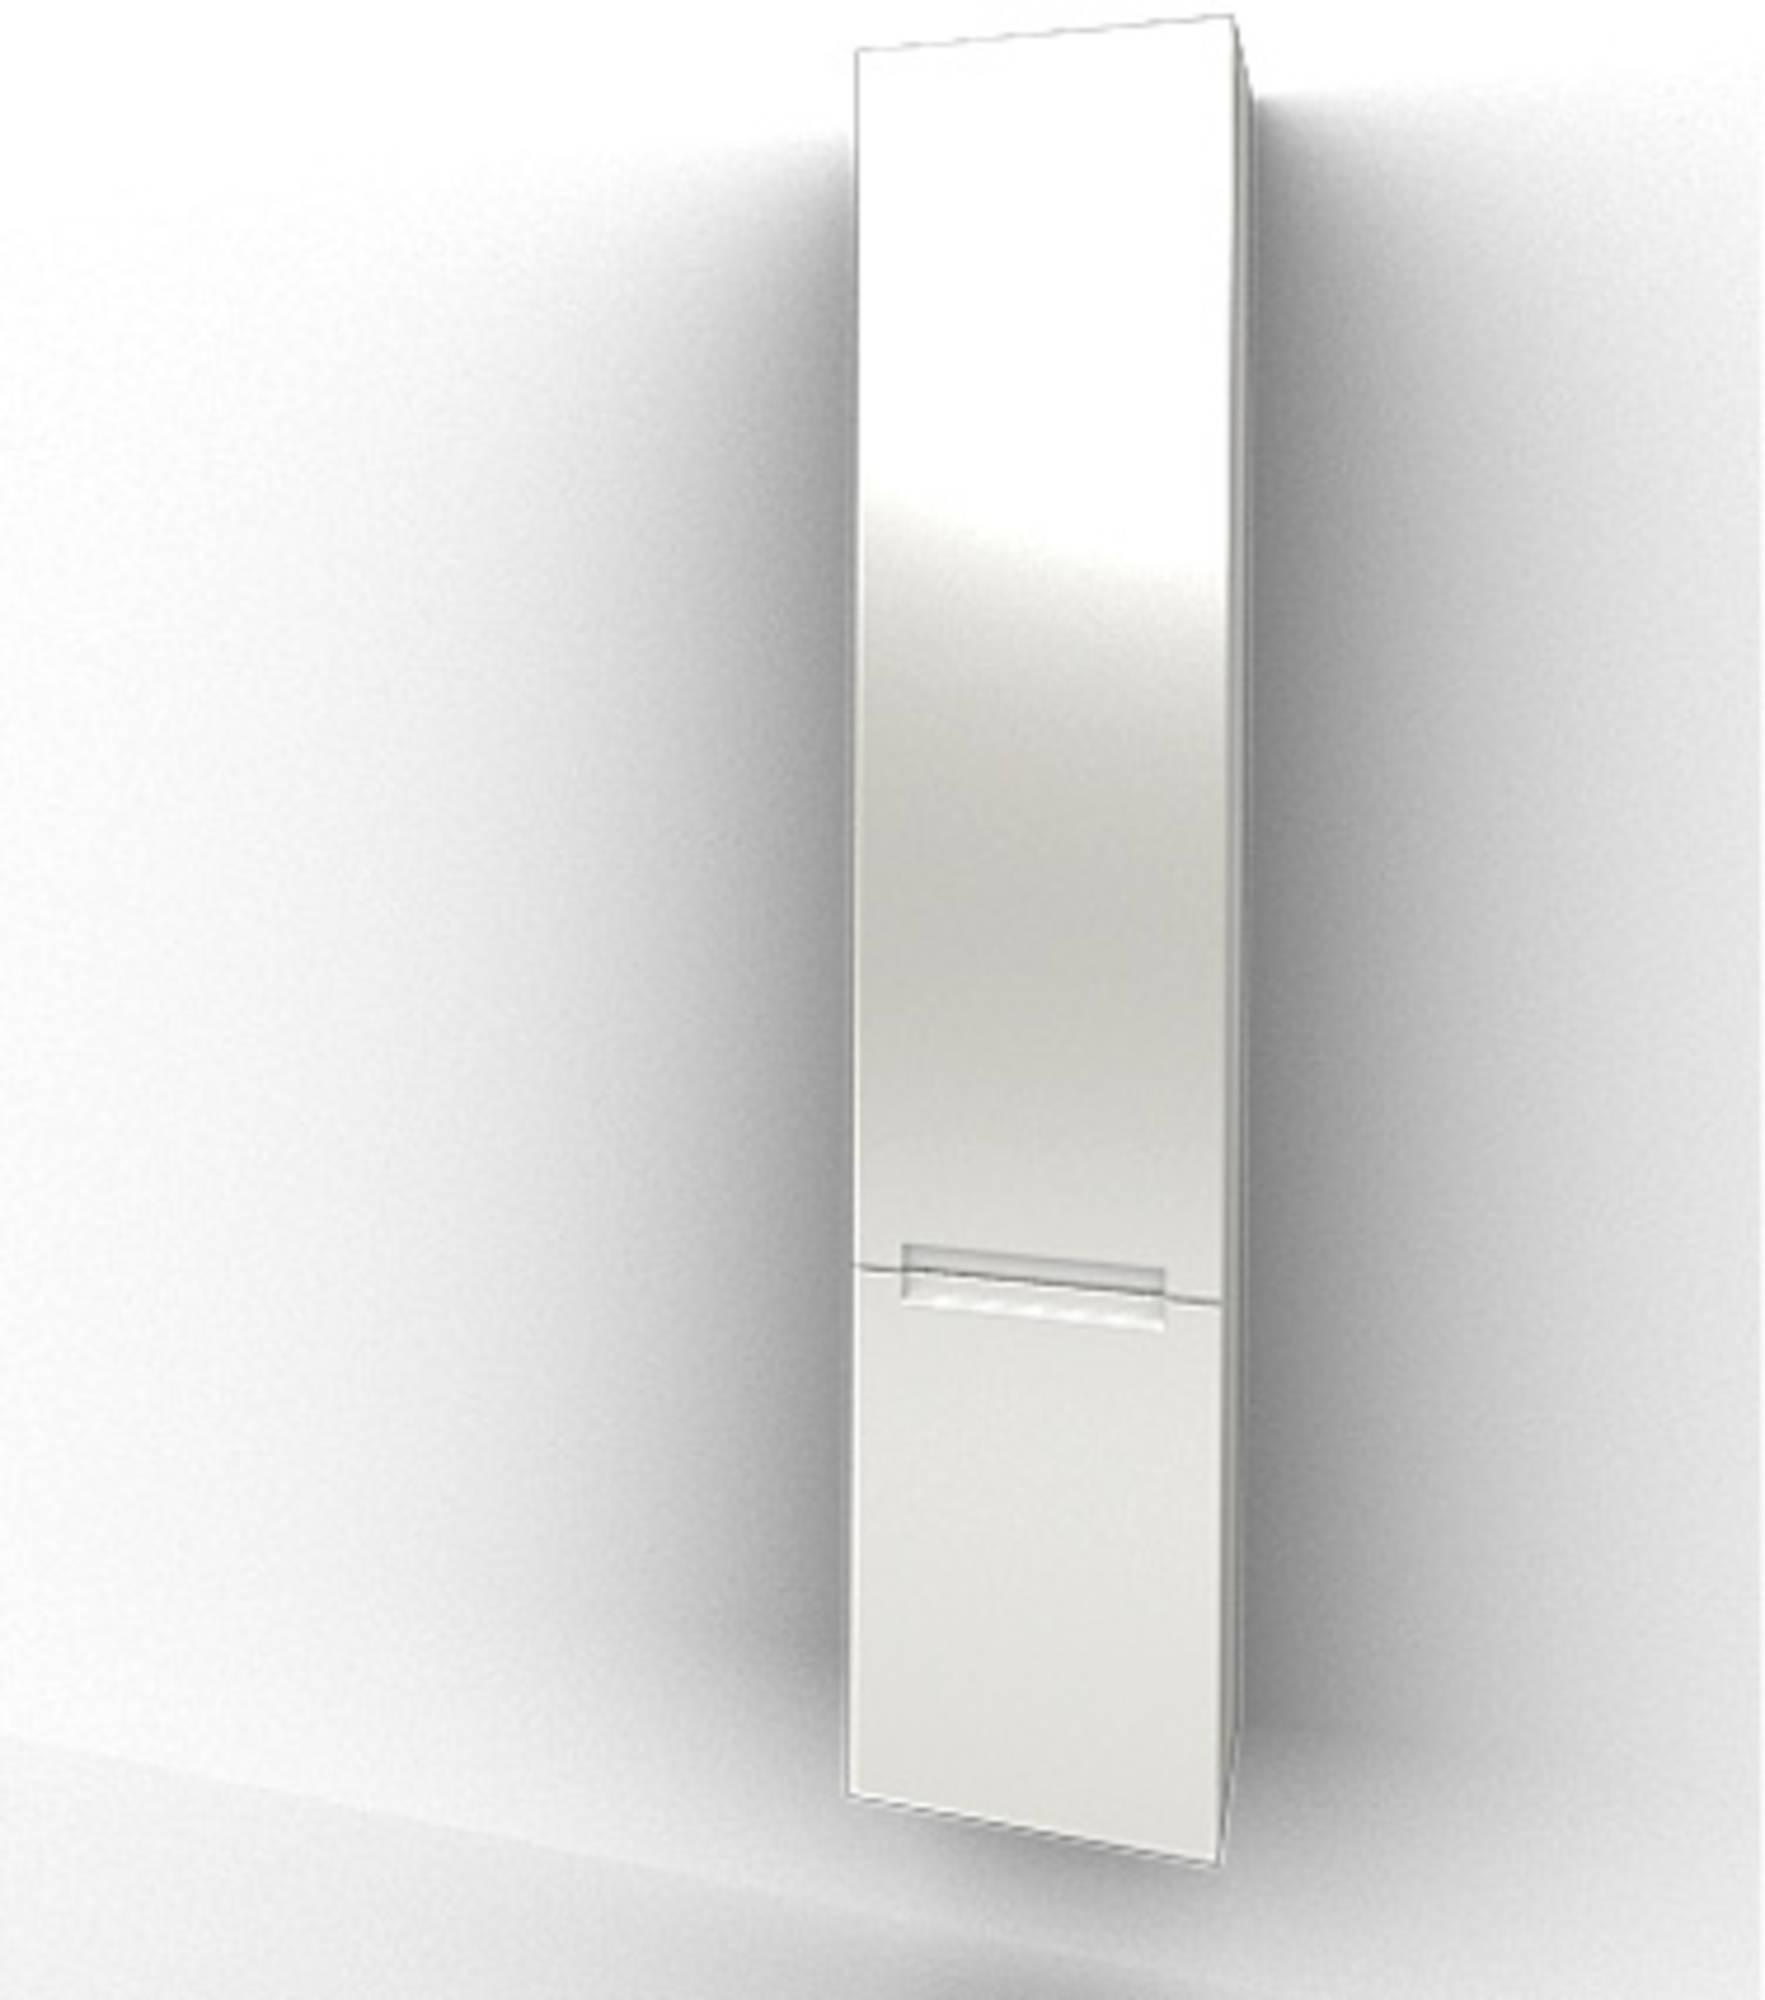 Ben Avenue Hoge kast 35x36x175 cm Keramisch wit